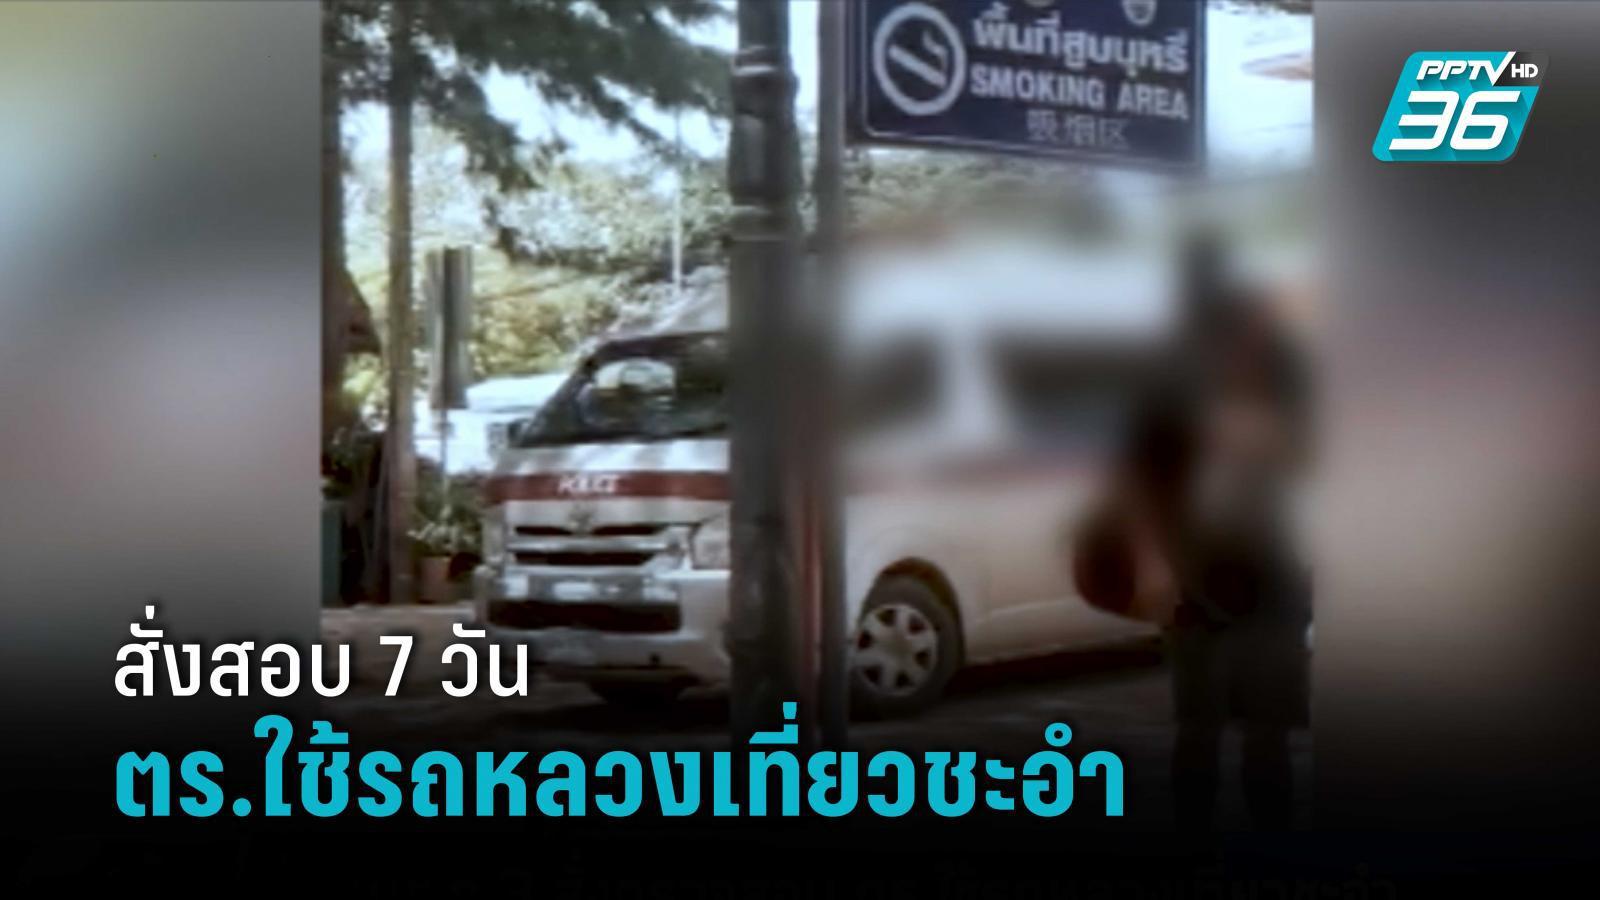 ผบช.ภ.3 สั่งตรวจสอบ 7 วัน ตร.ใช้รถหลวงเที่ยวชะอำ หากผิดจริงฟันวินัย